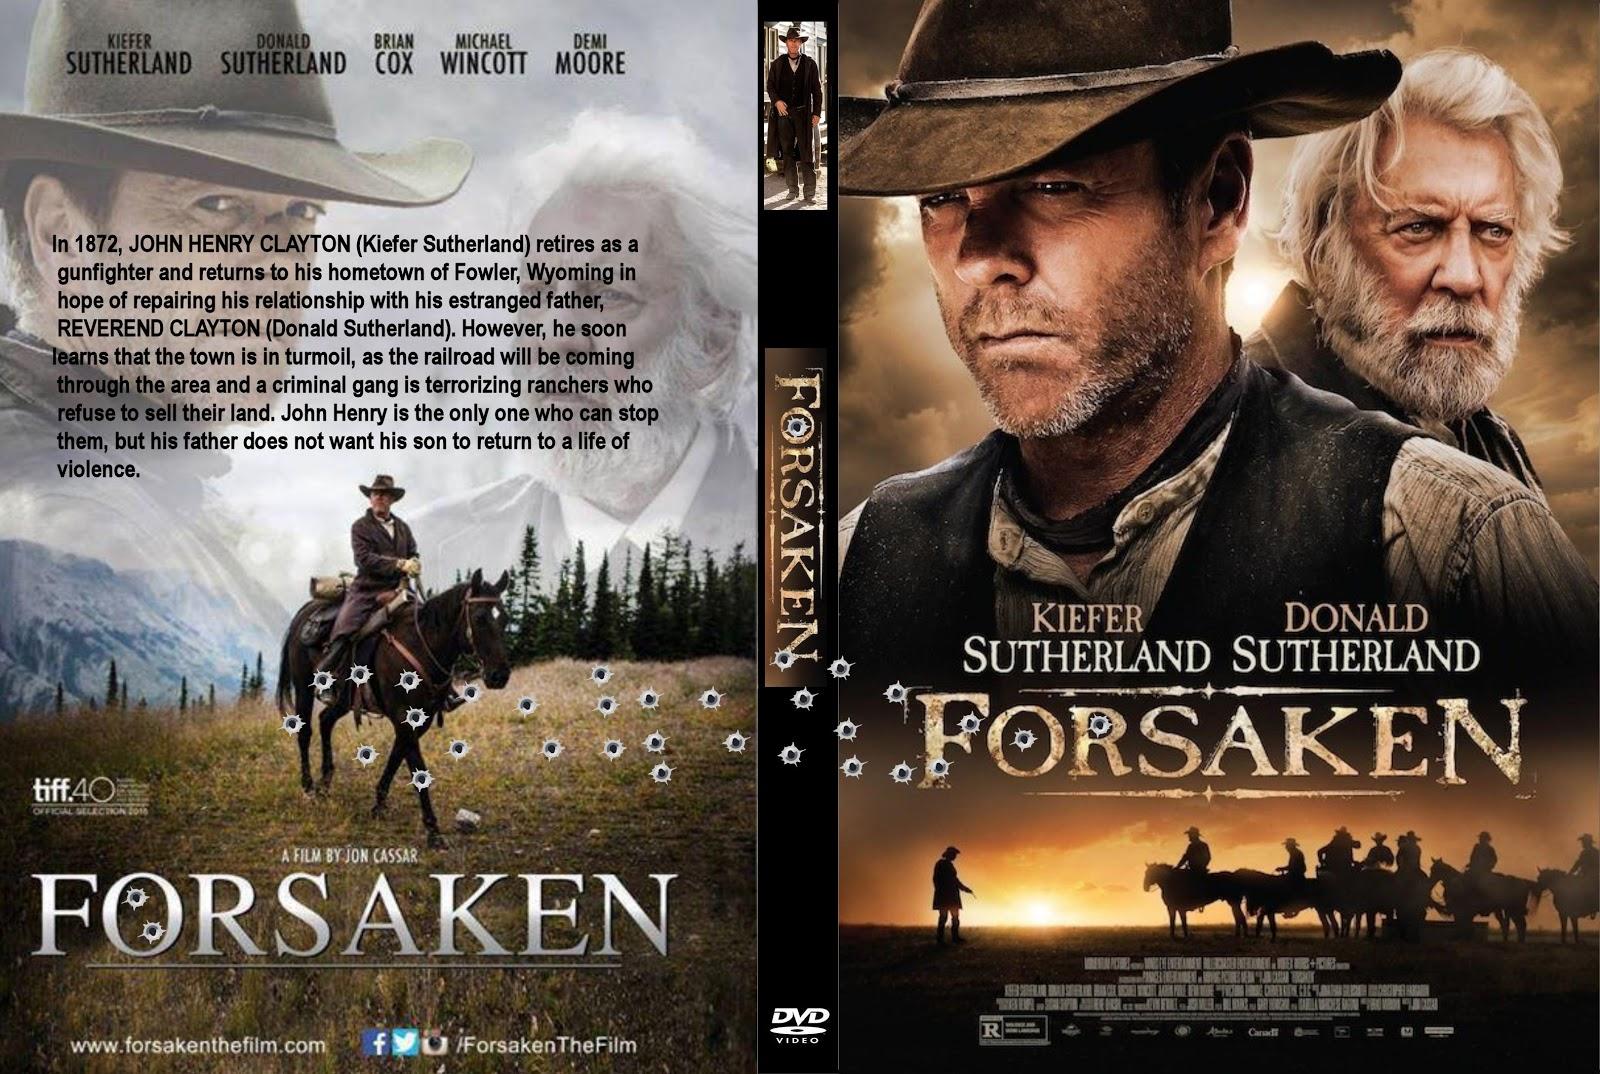 Baixar Forsaken BDRip Dual Áudio Forsaken  282015 29 R0   Cover DVD Movie